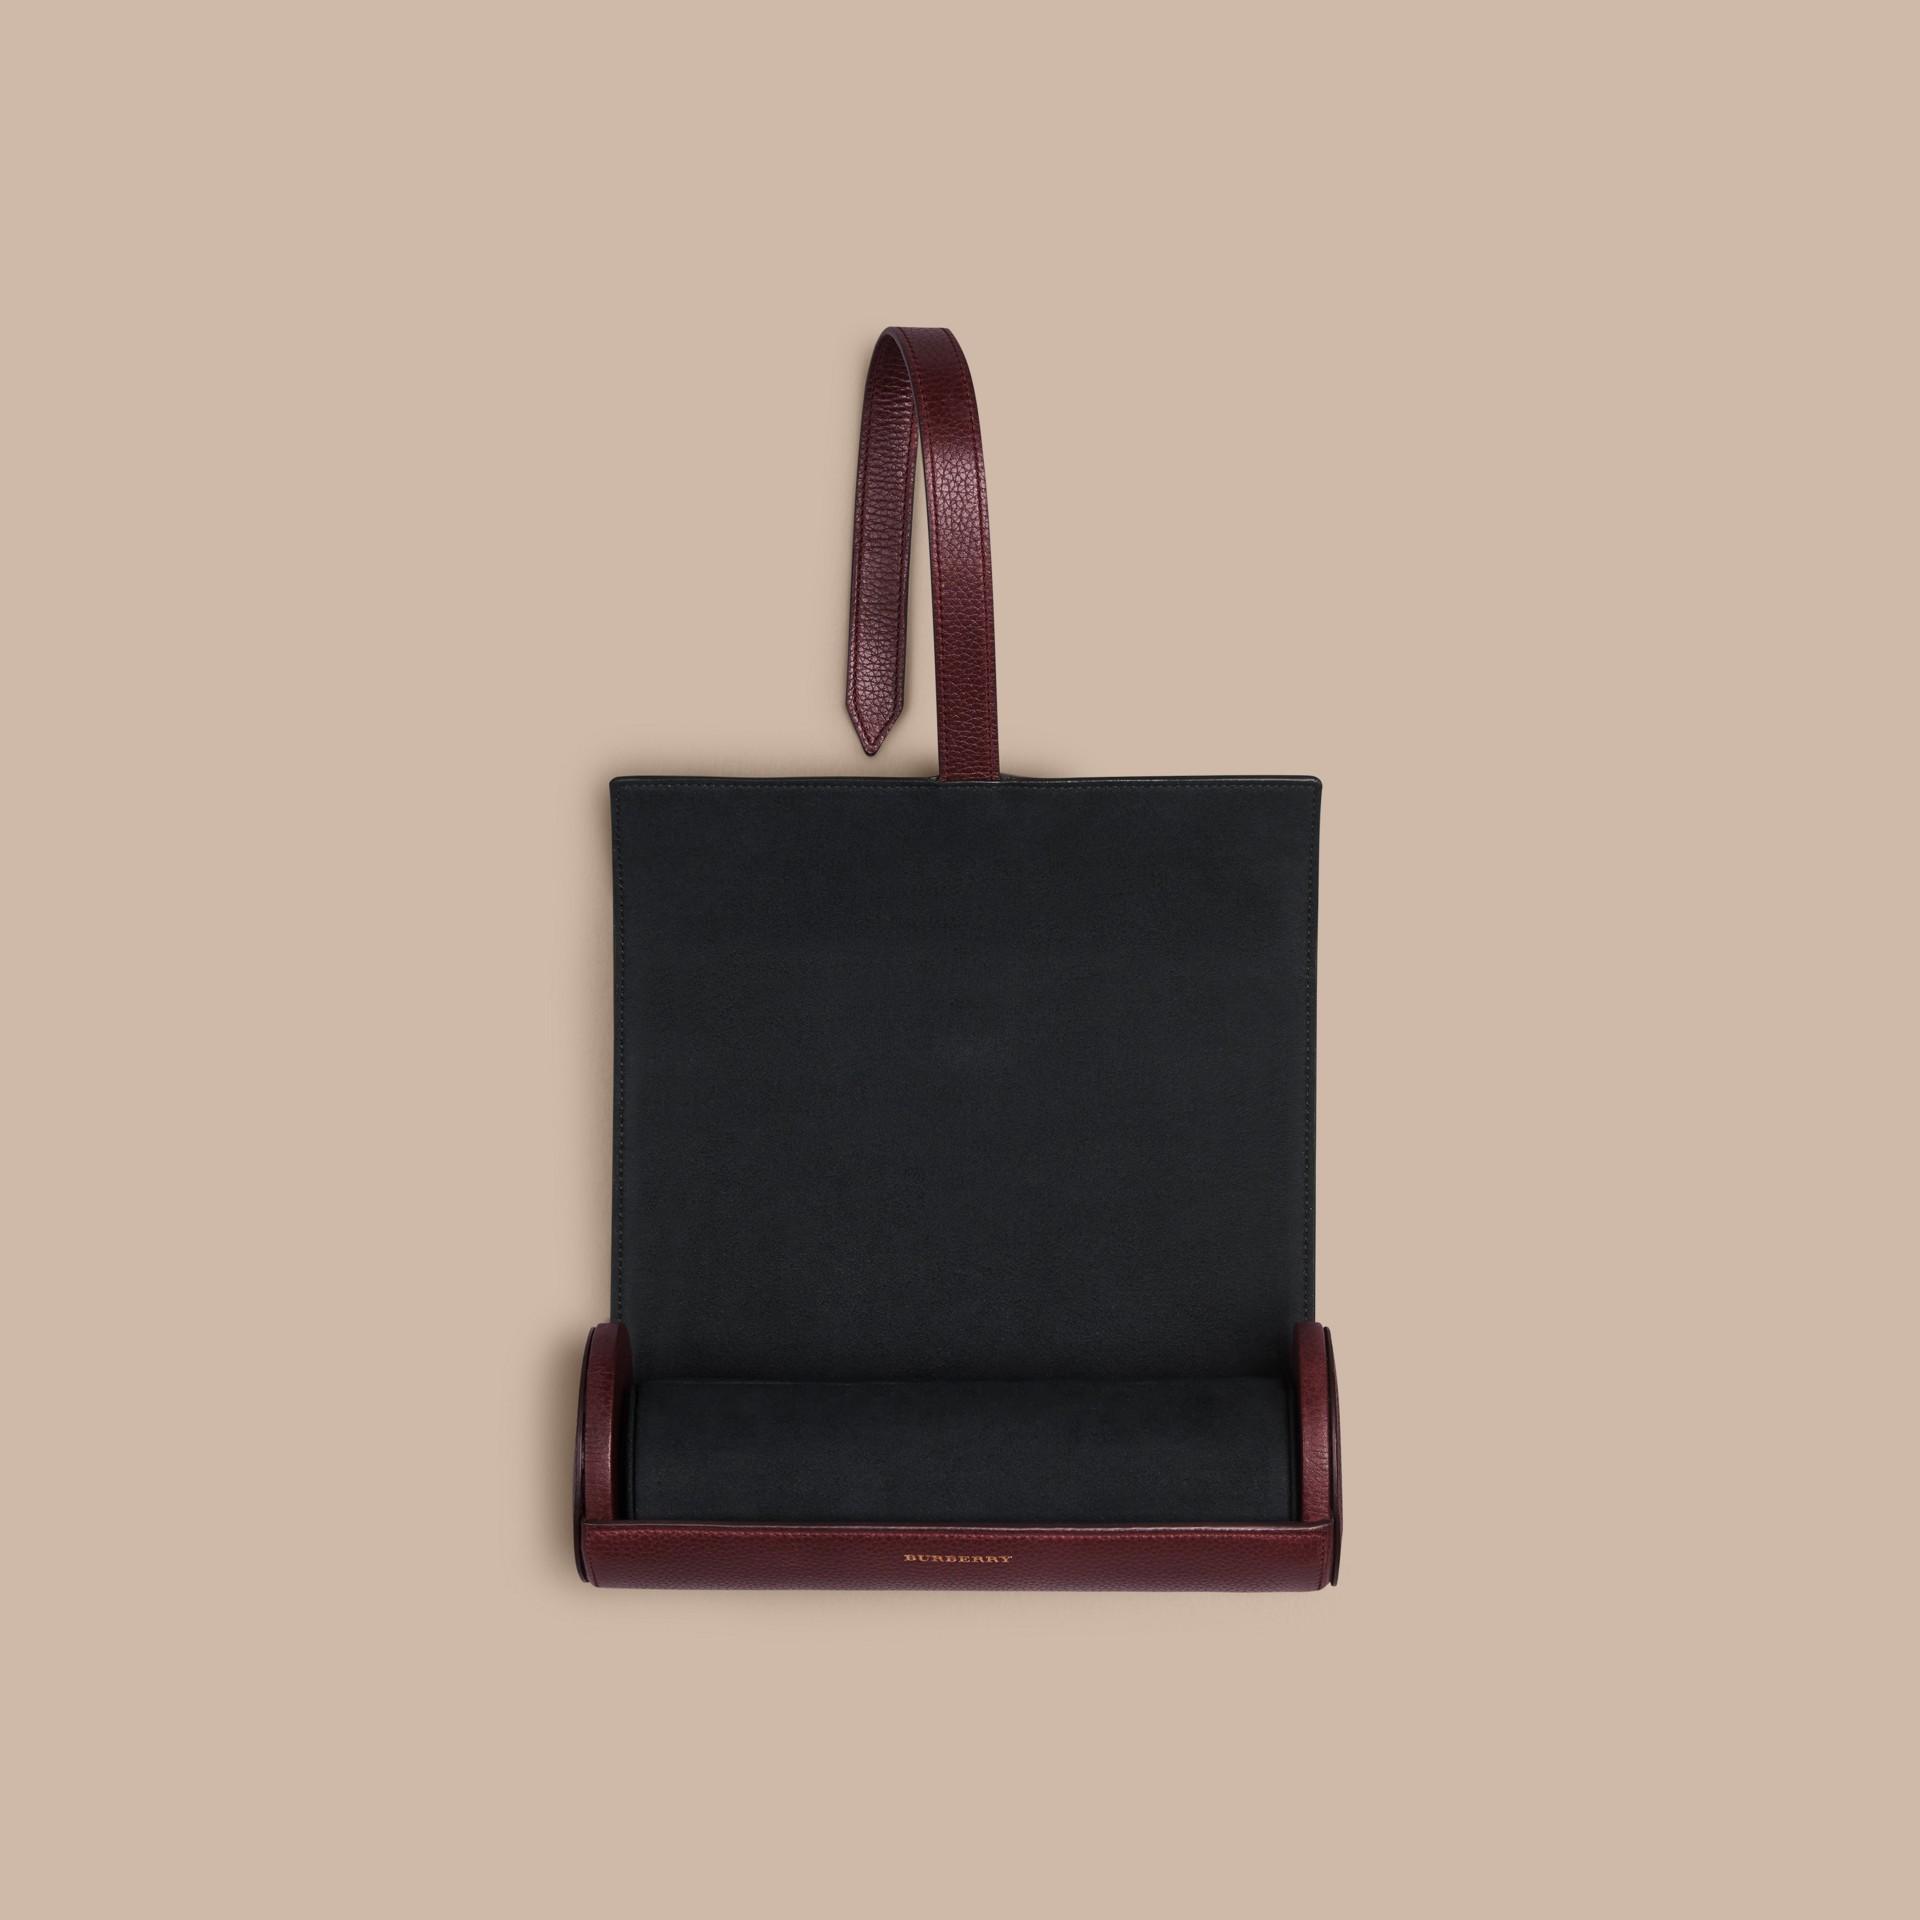 Rosso ebano Custodia per orologi in pelle a grana Rosso Ebano - immagine della galleria 2